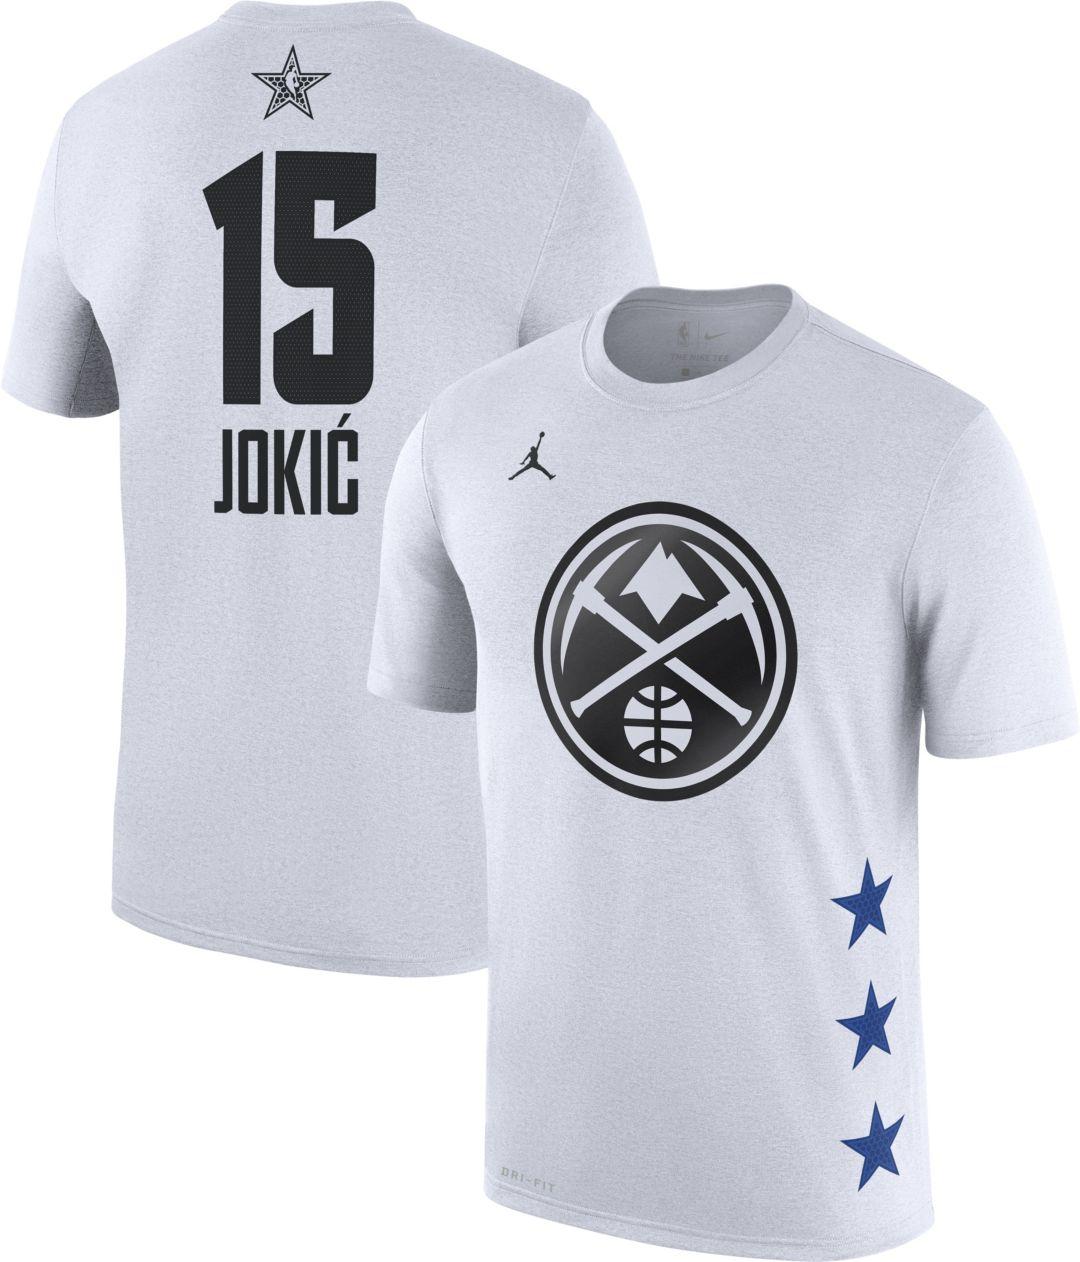 the best attitude e5e00 56edb Jordan Men's 2019 NBA All-Star Game Nikola Jokic Dri-FIT White T-Shirt